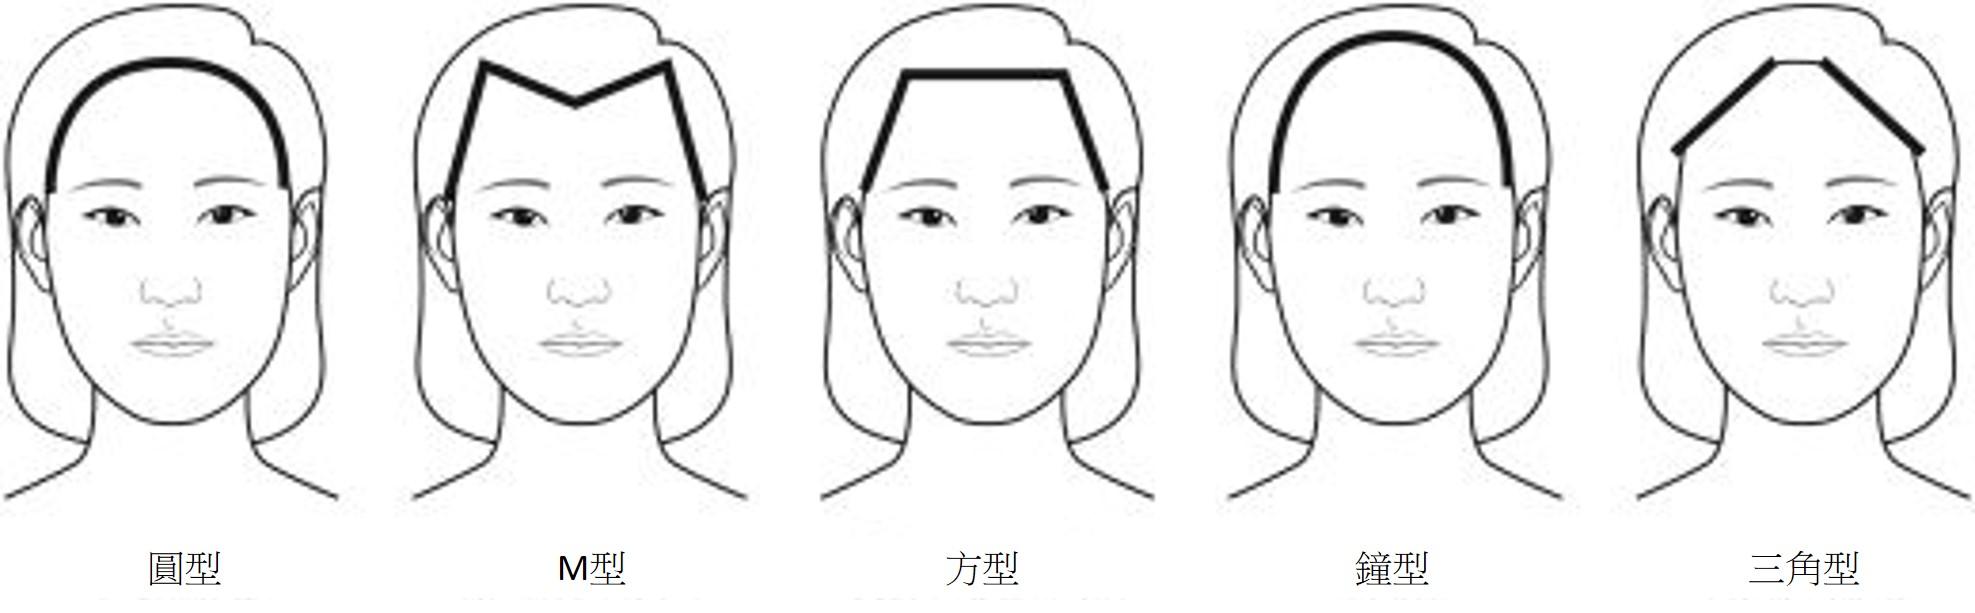 女性植髮修飾額頭形狀